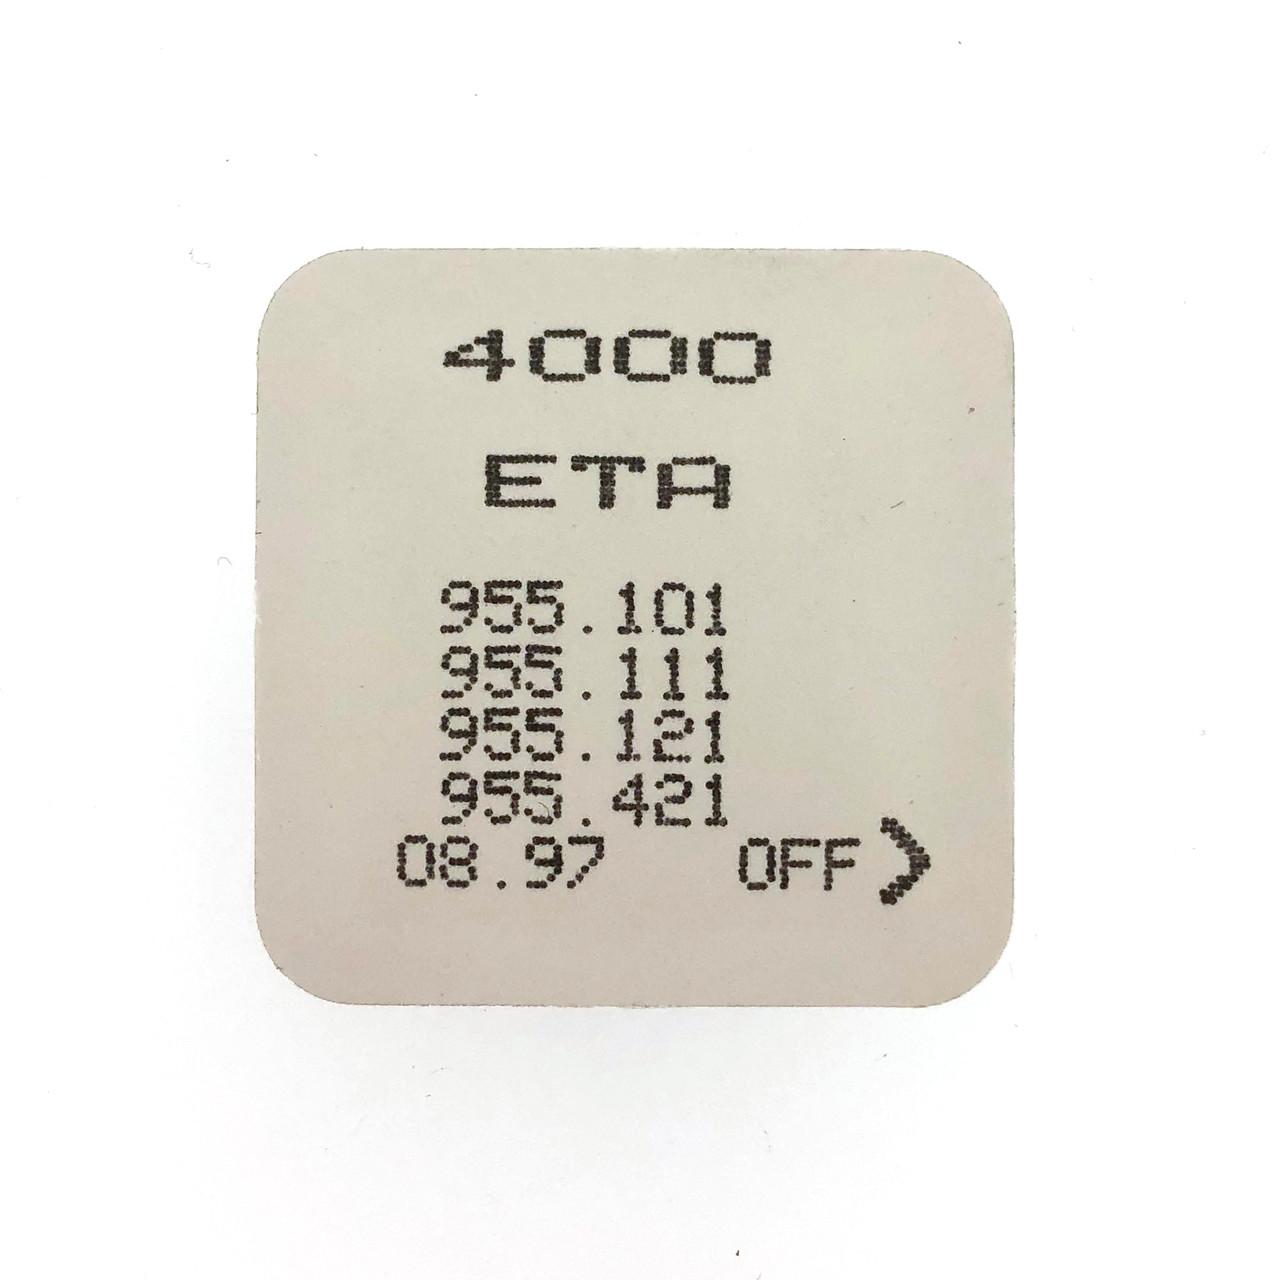 ETA 955.101, 955.111, 955.121, 955.421 4000 Circuit Electronic Module Sealed - Vintage